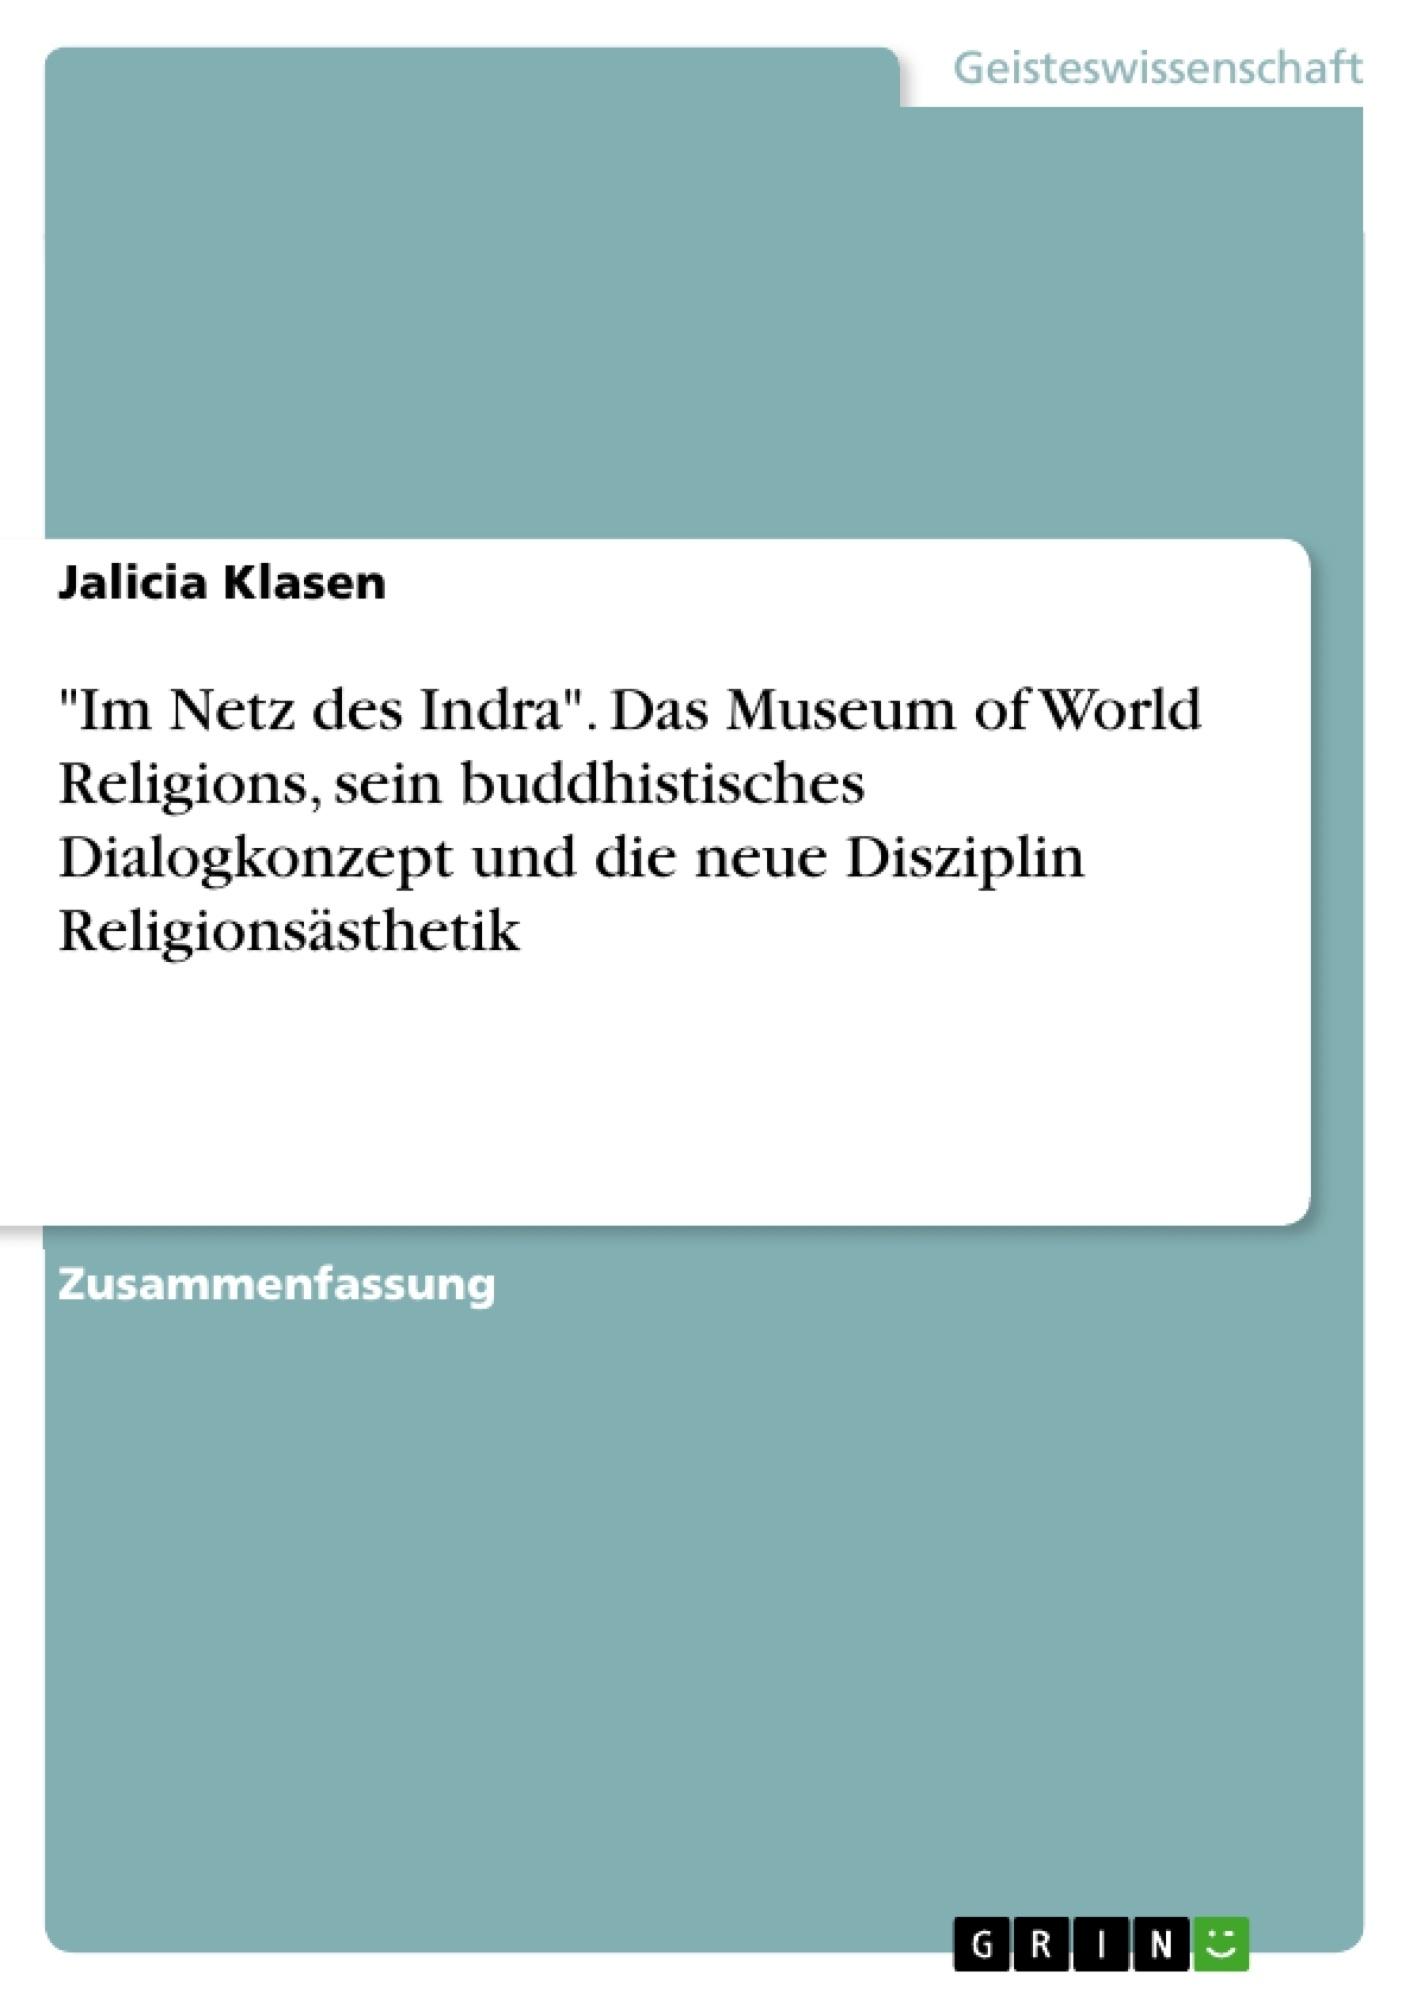 """Titel: """"Im Netz des Indra"""". Das Museum of World Religions, sein buddhistisches Dialogkonzept und die neue Disziplin Religionsästhetik"""